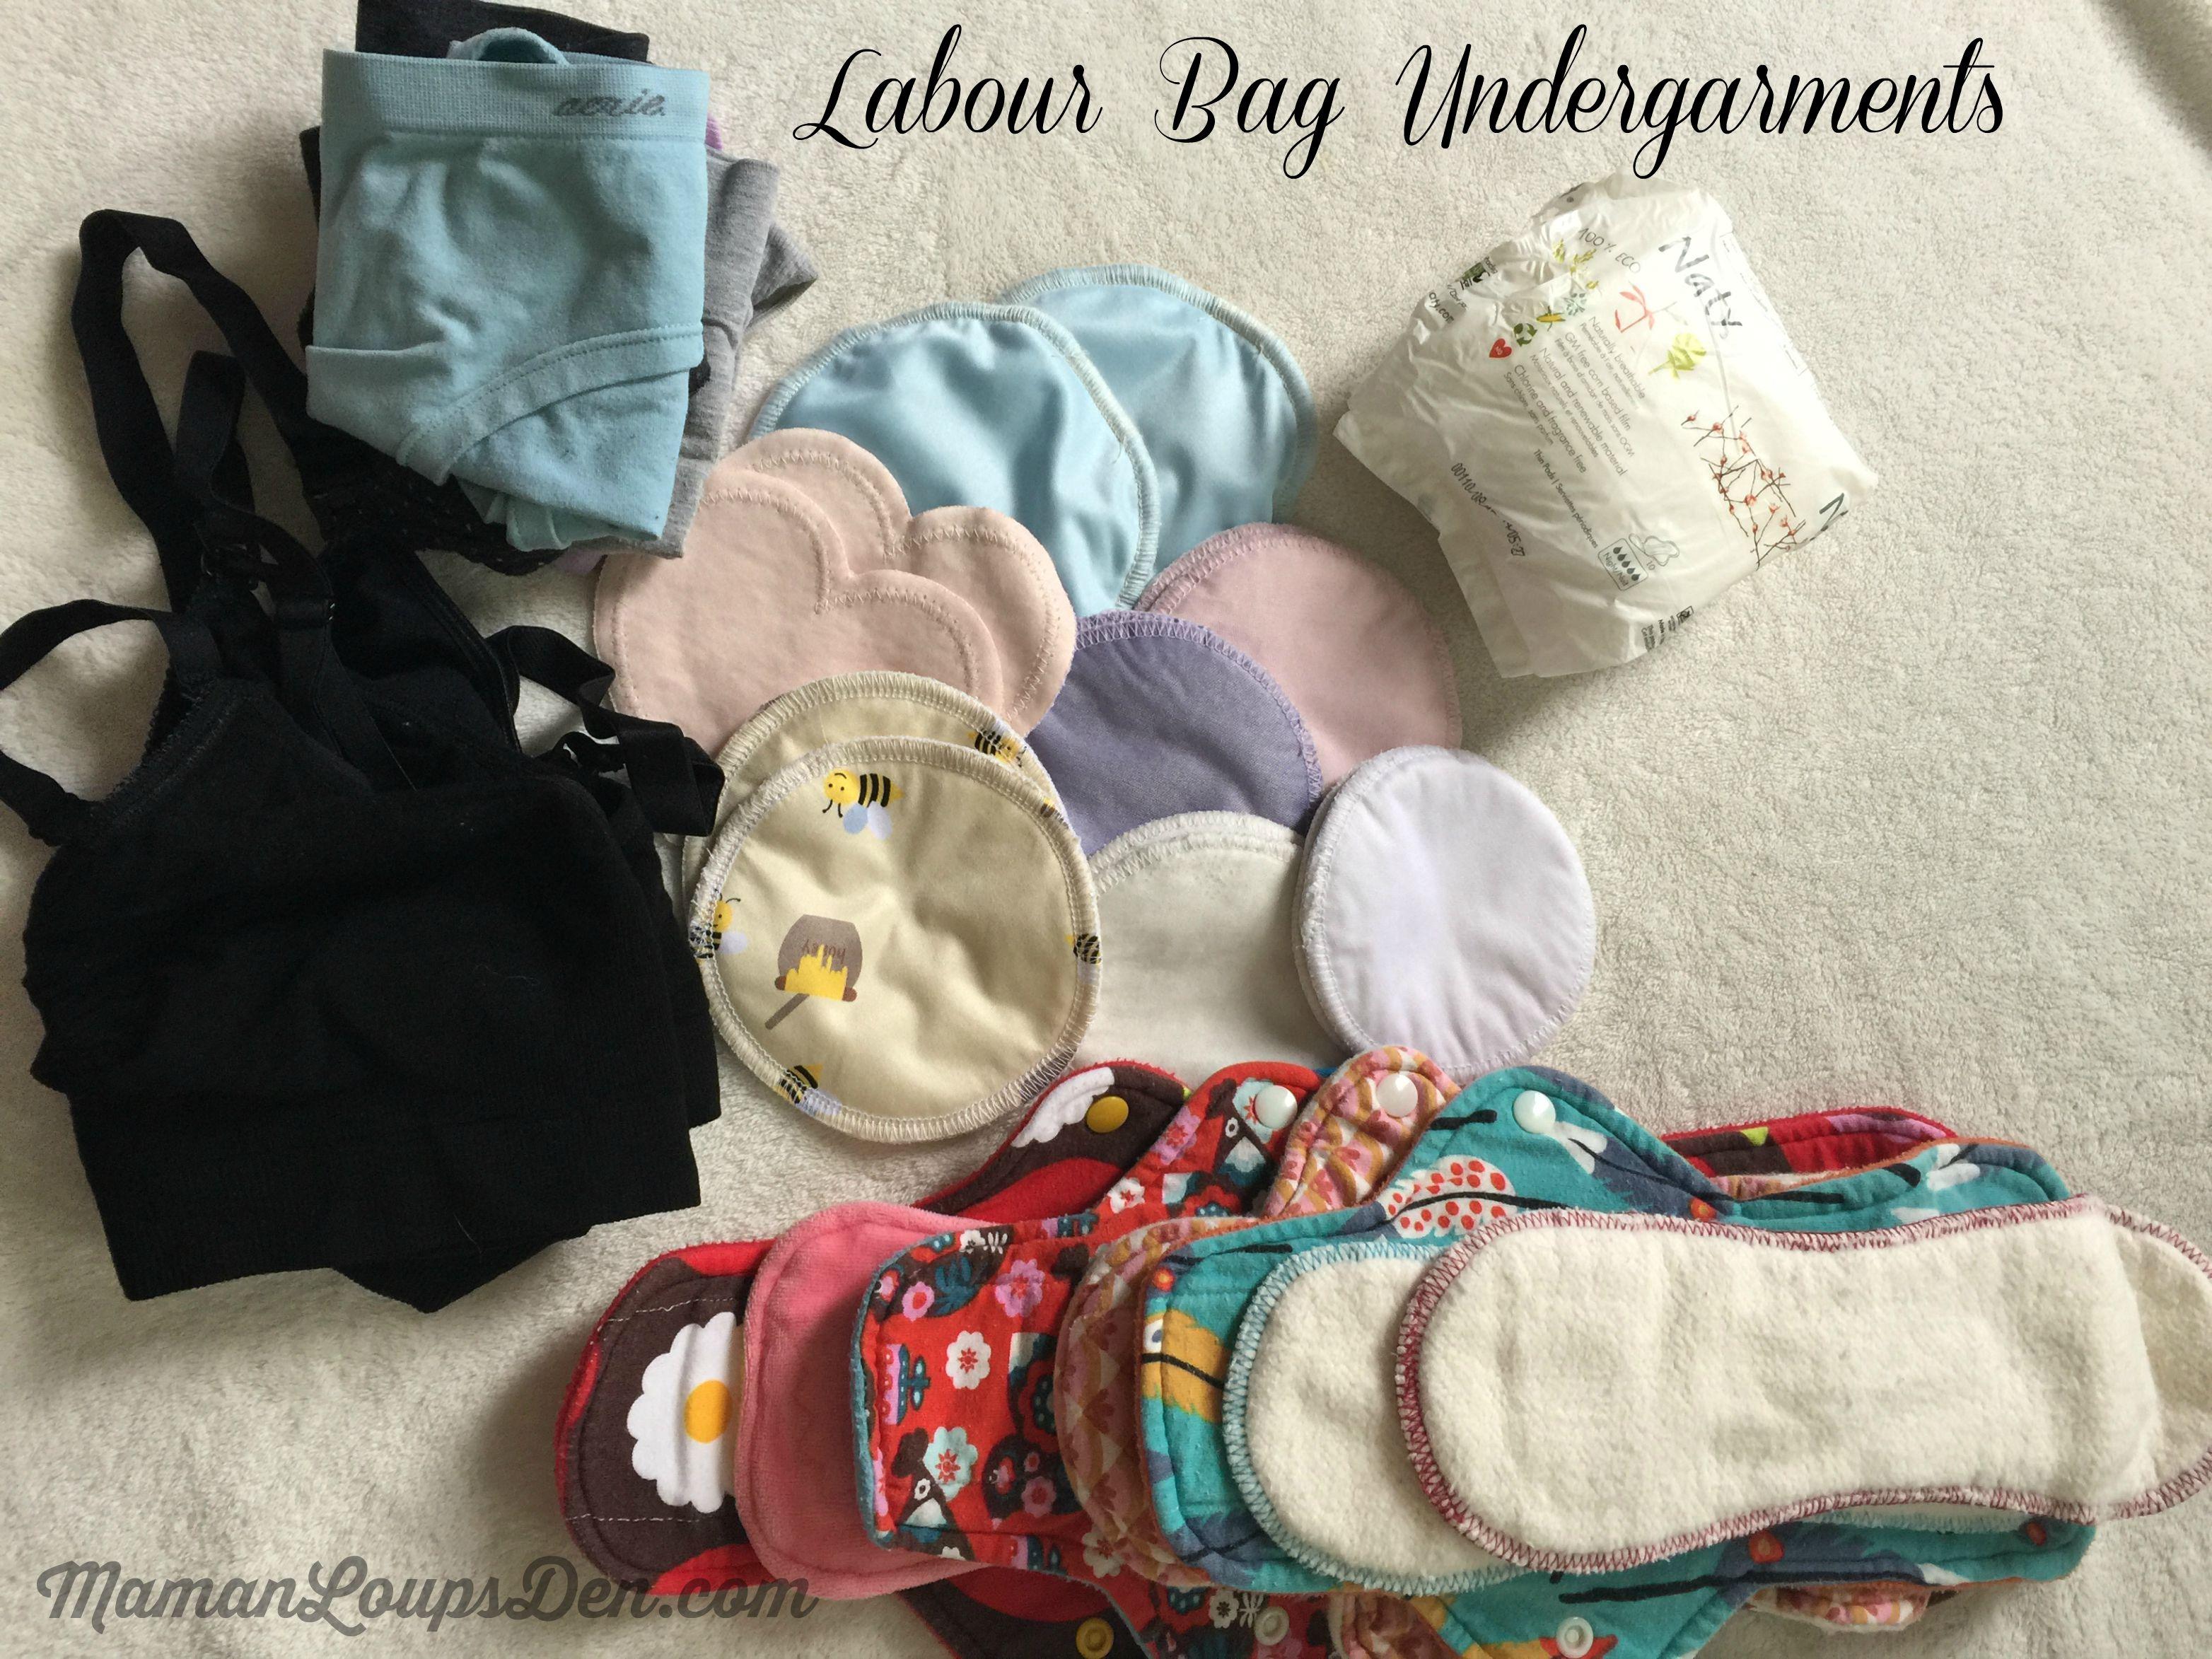 Labour Bag Undergarments ~ Maman Loup's Den